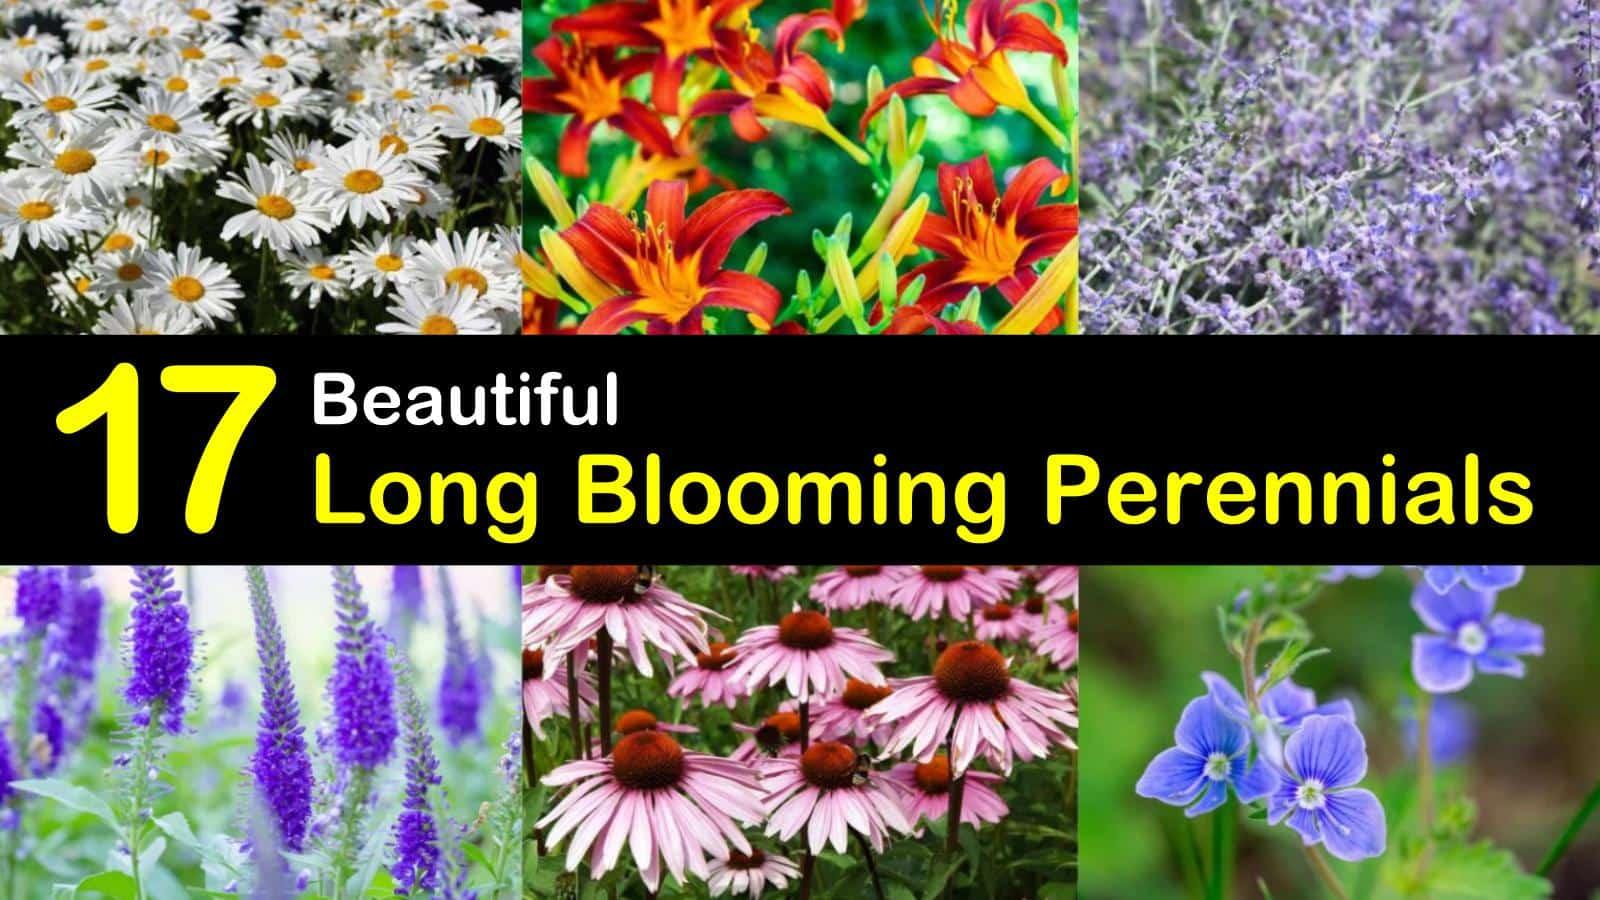 long blooming perennials titleimg1